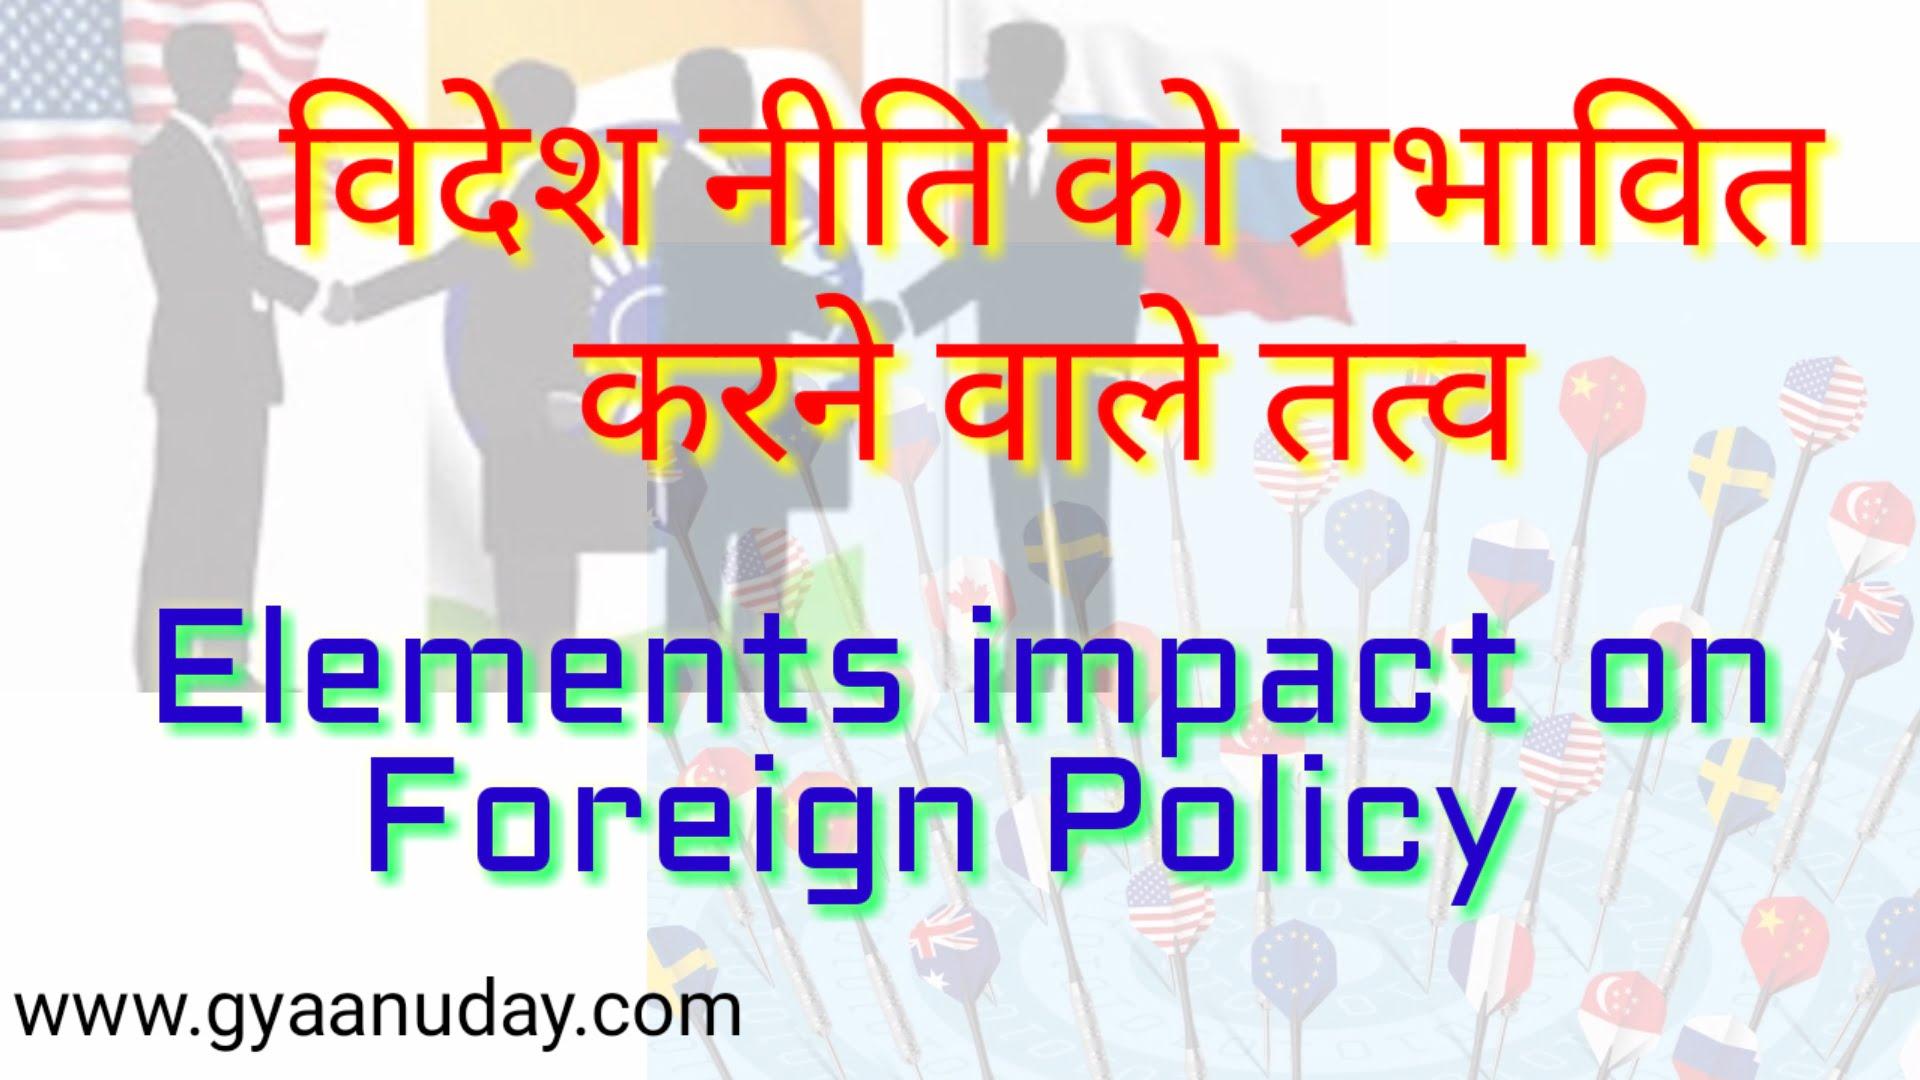 भरतीय विदेश नीति को प्रभावित